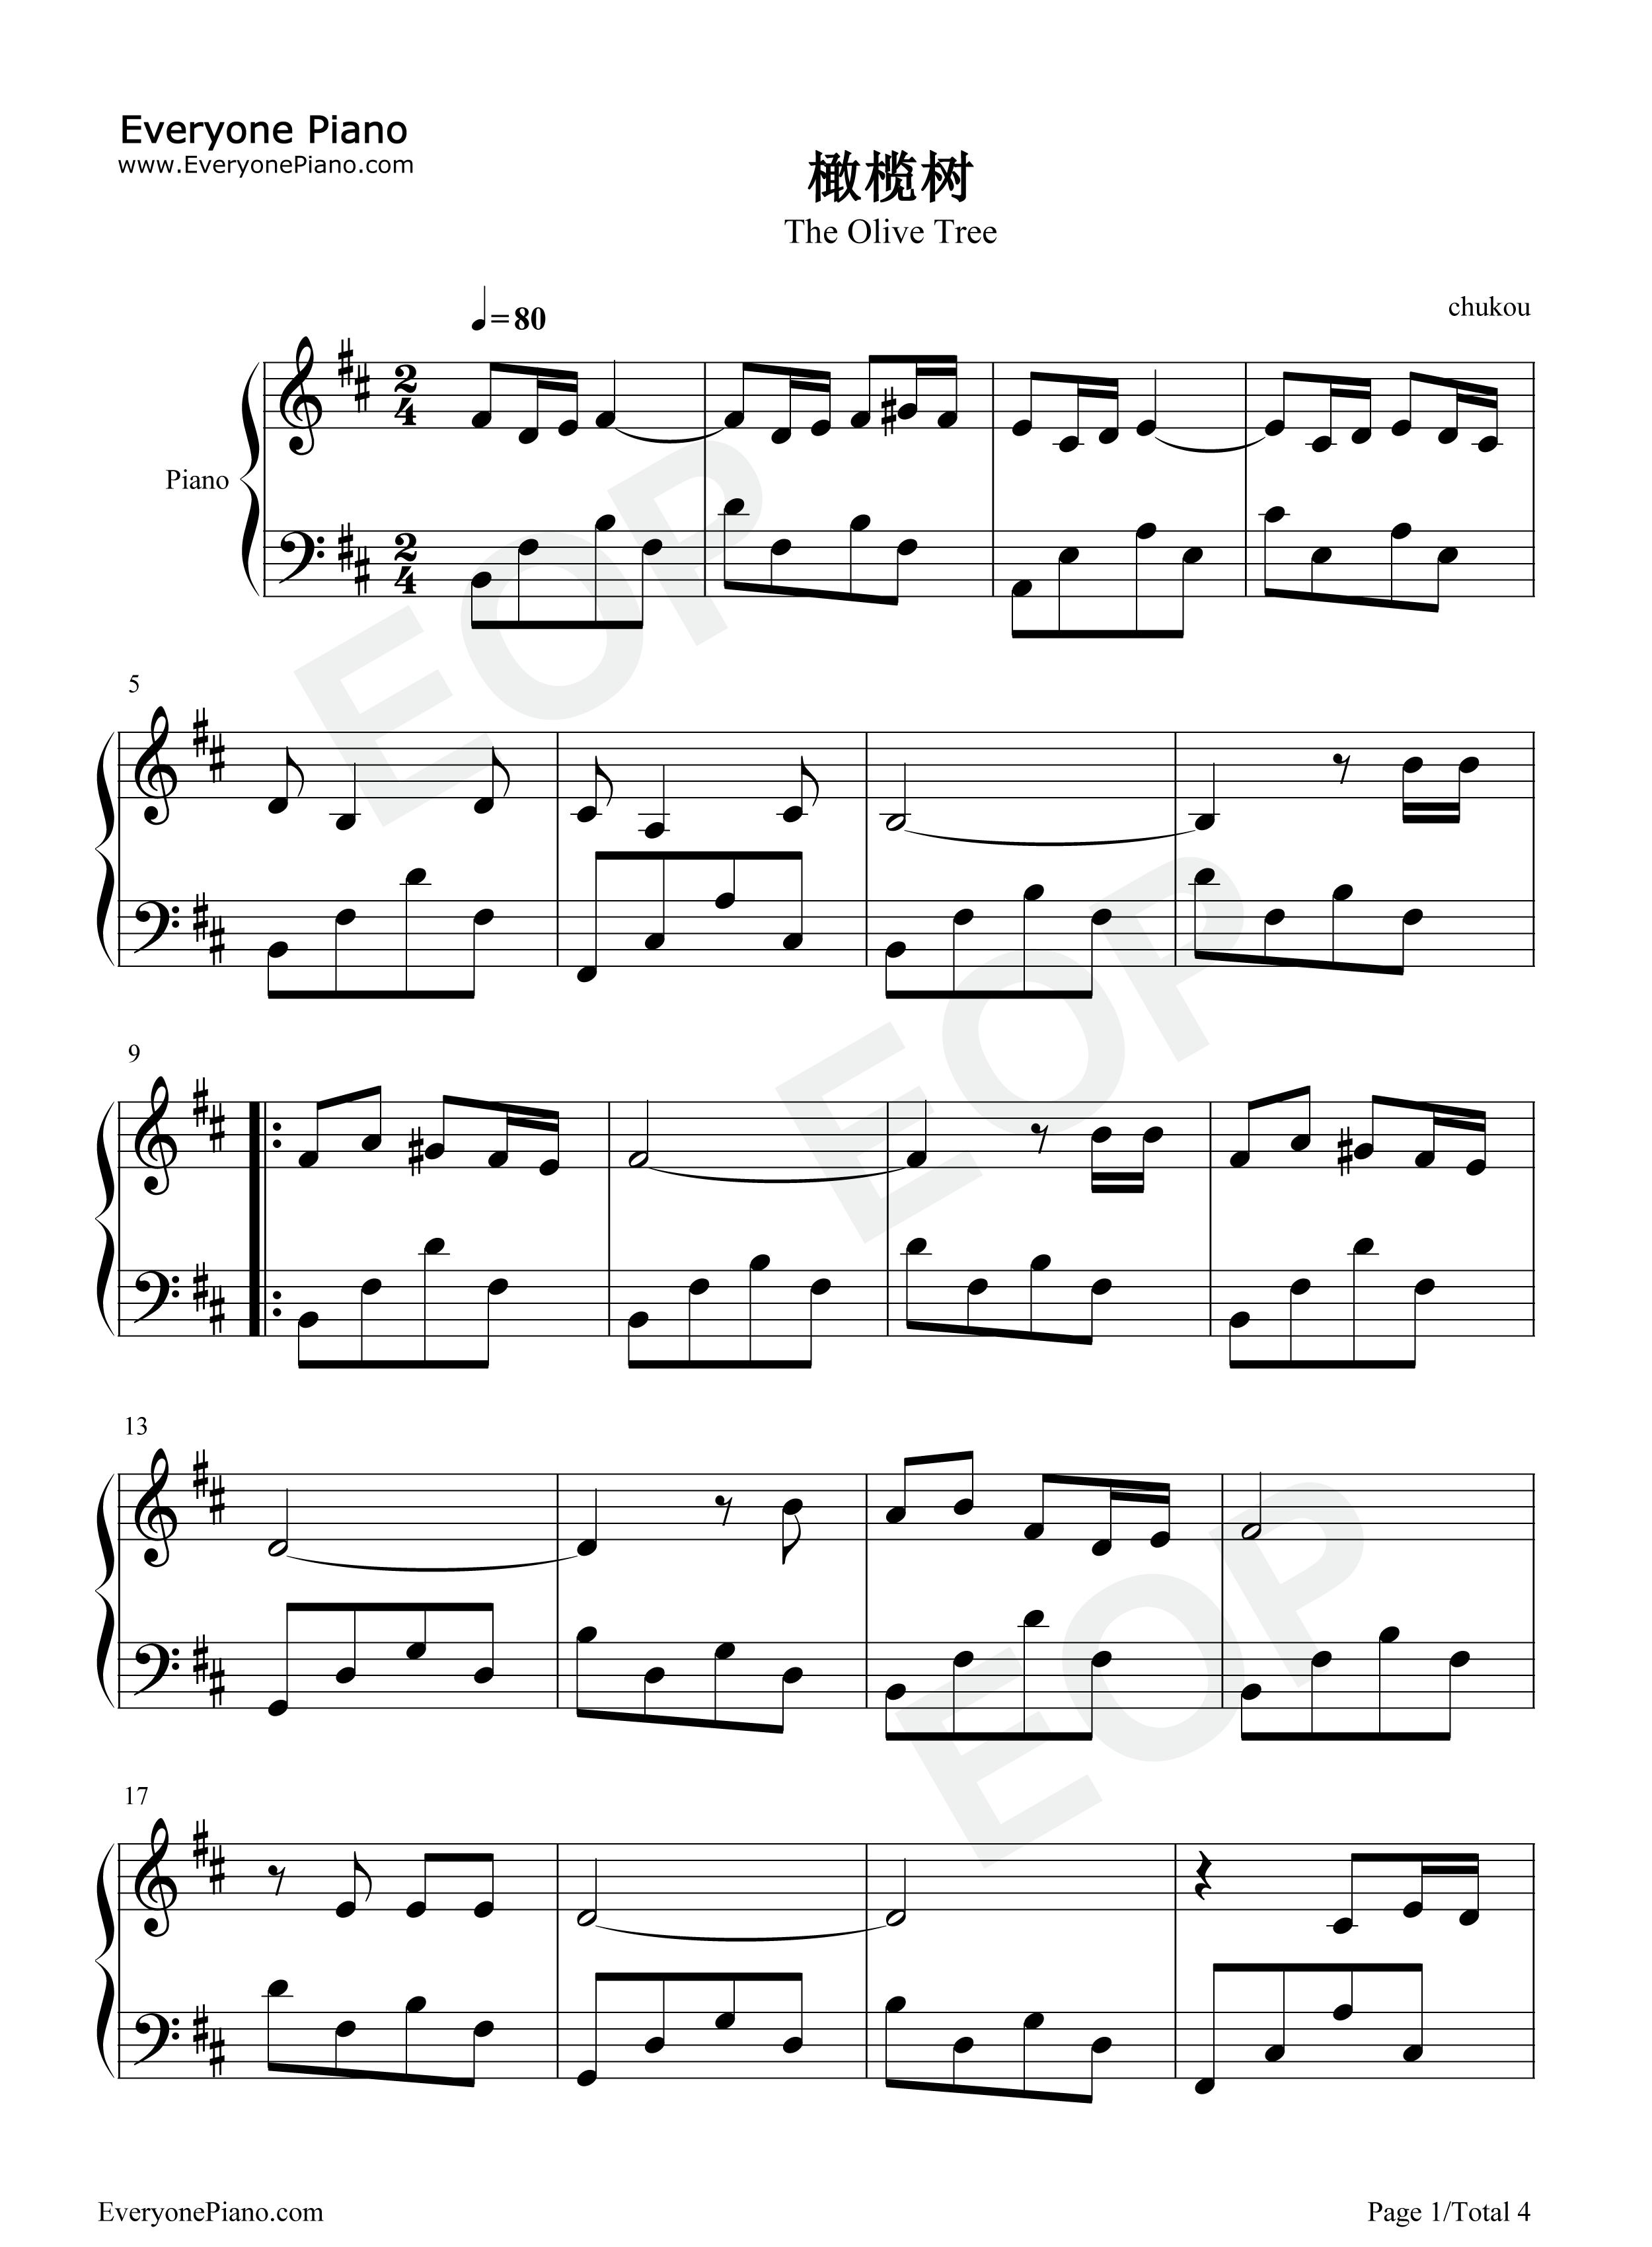 橄榄树-齐豫五线谱预览1-钢琴谱(五线谱,双手简谱)